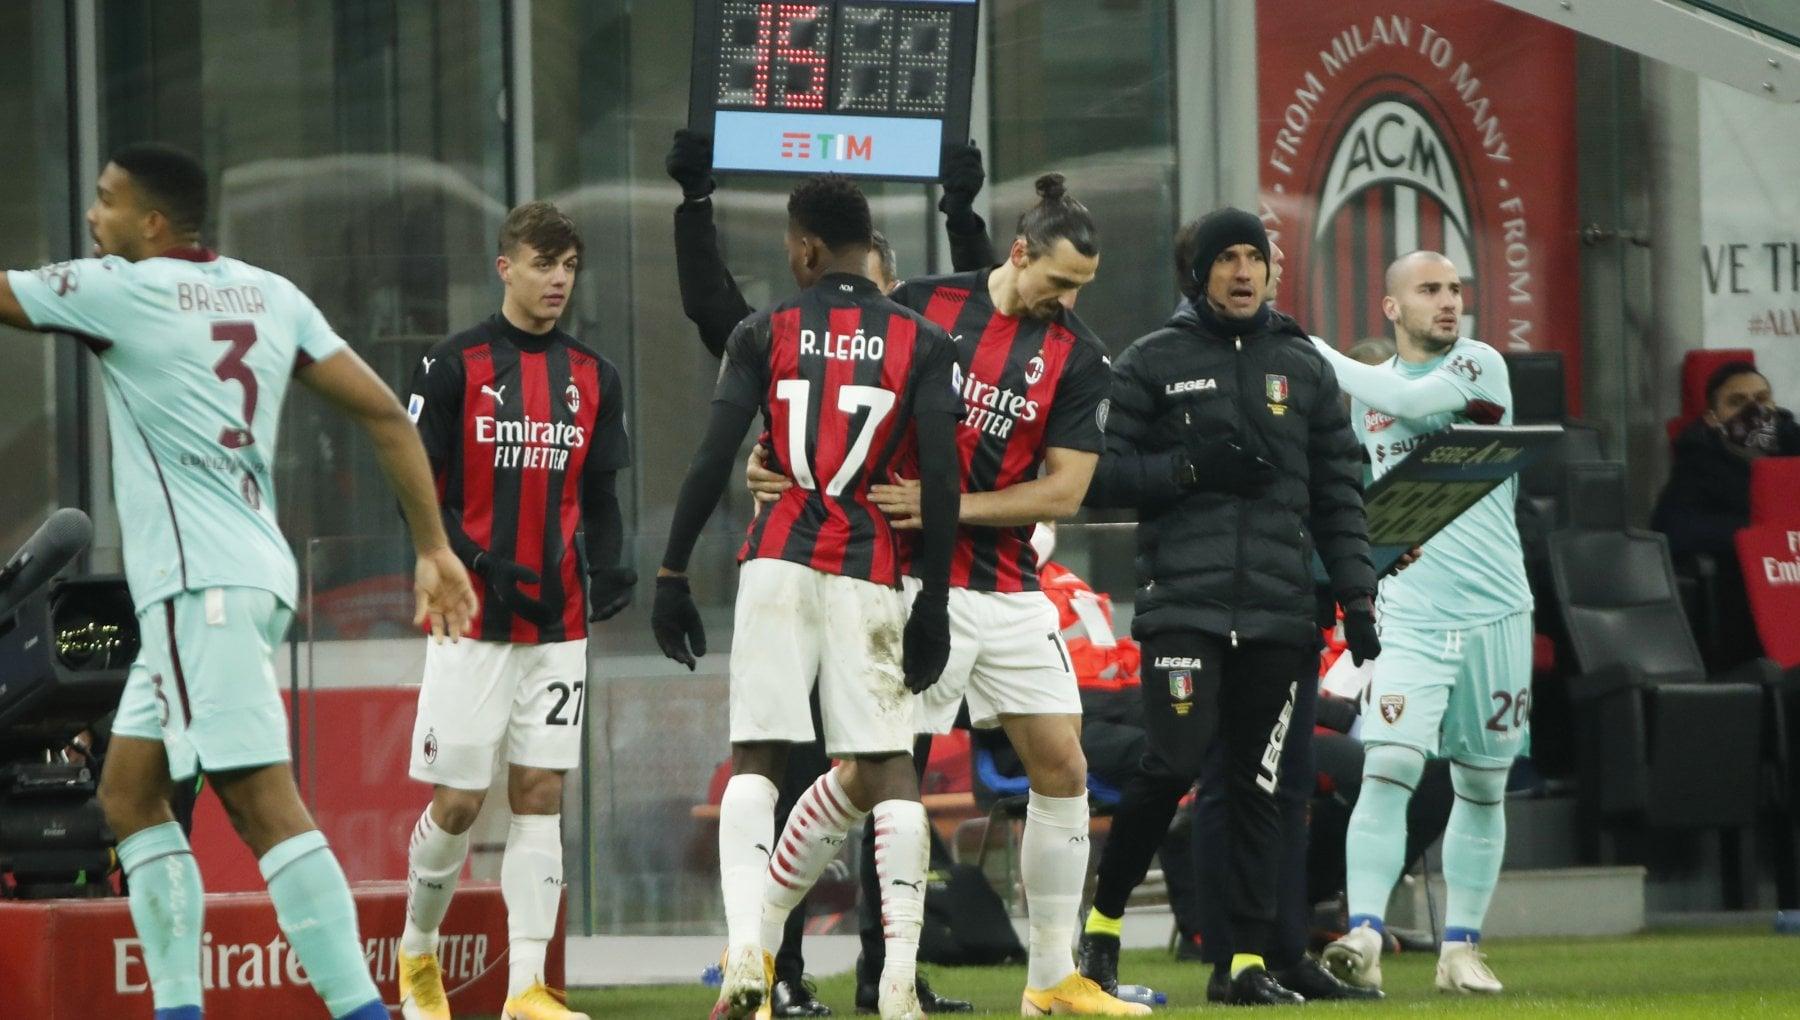 Milan Torino 2 0 Leao e Kessie blindano la vetta. E nel finale si rivede Ibrahimovic